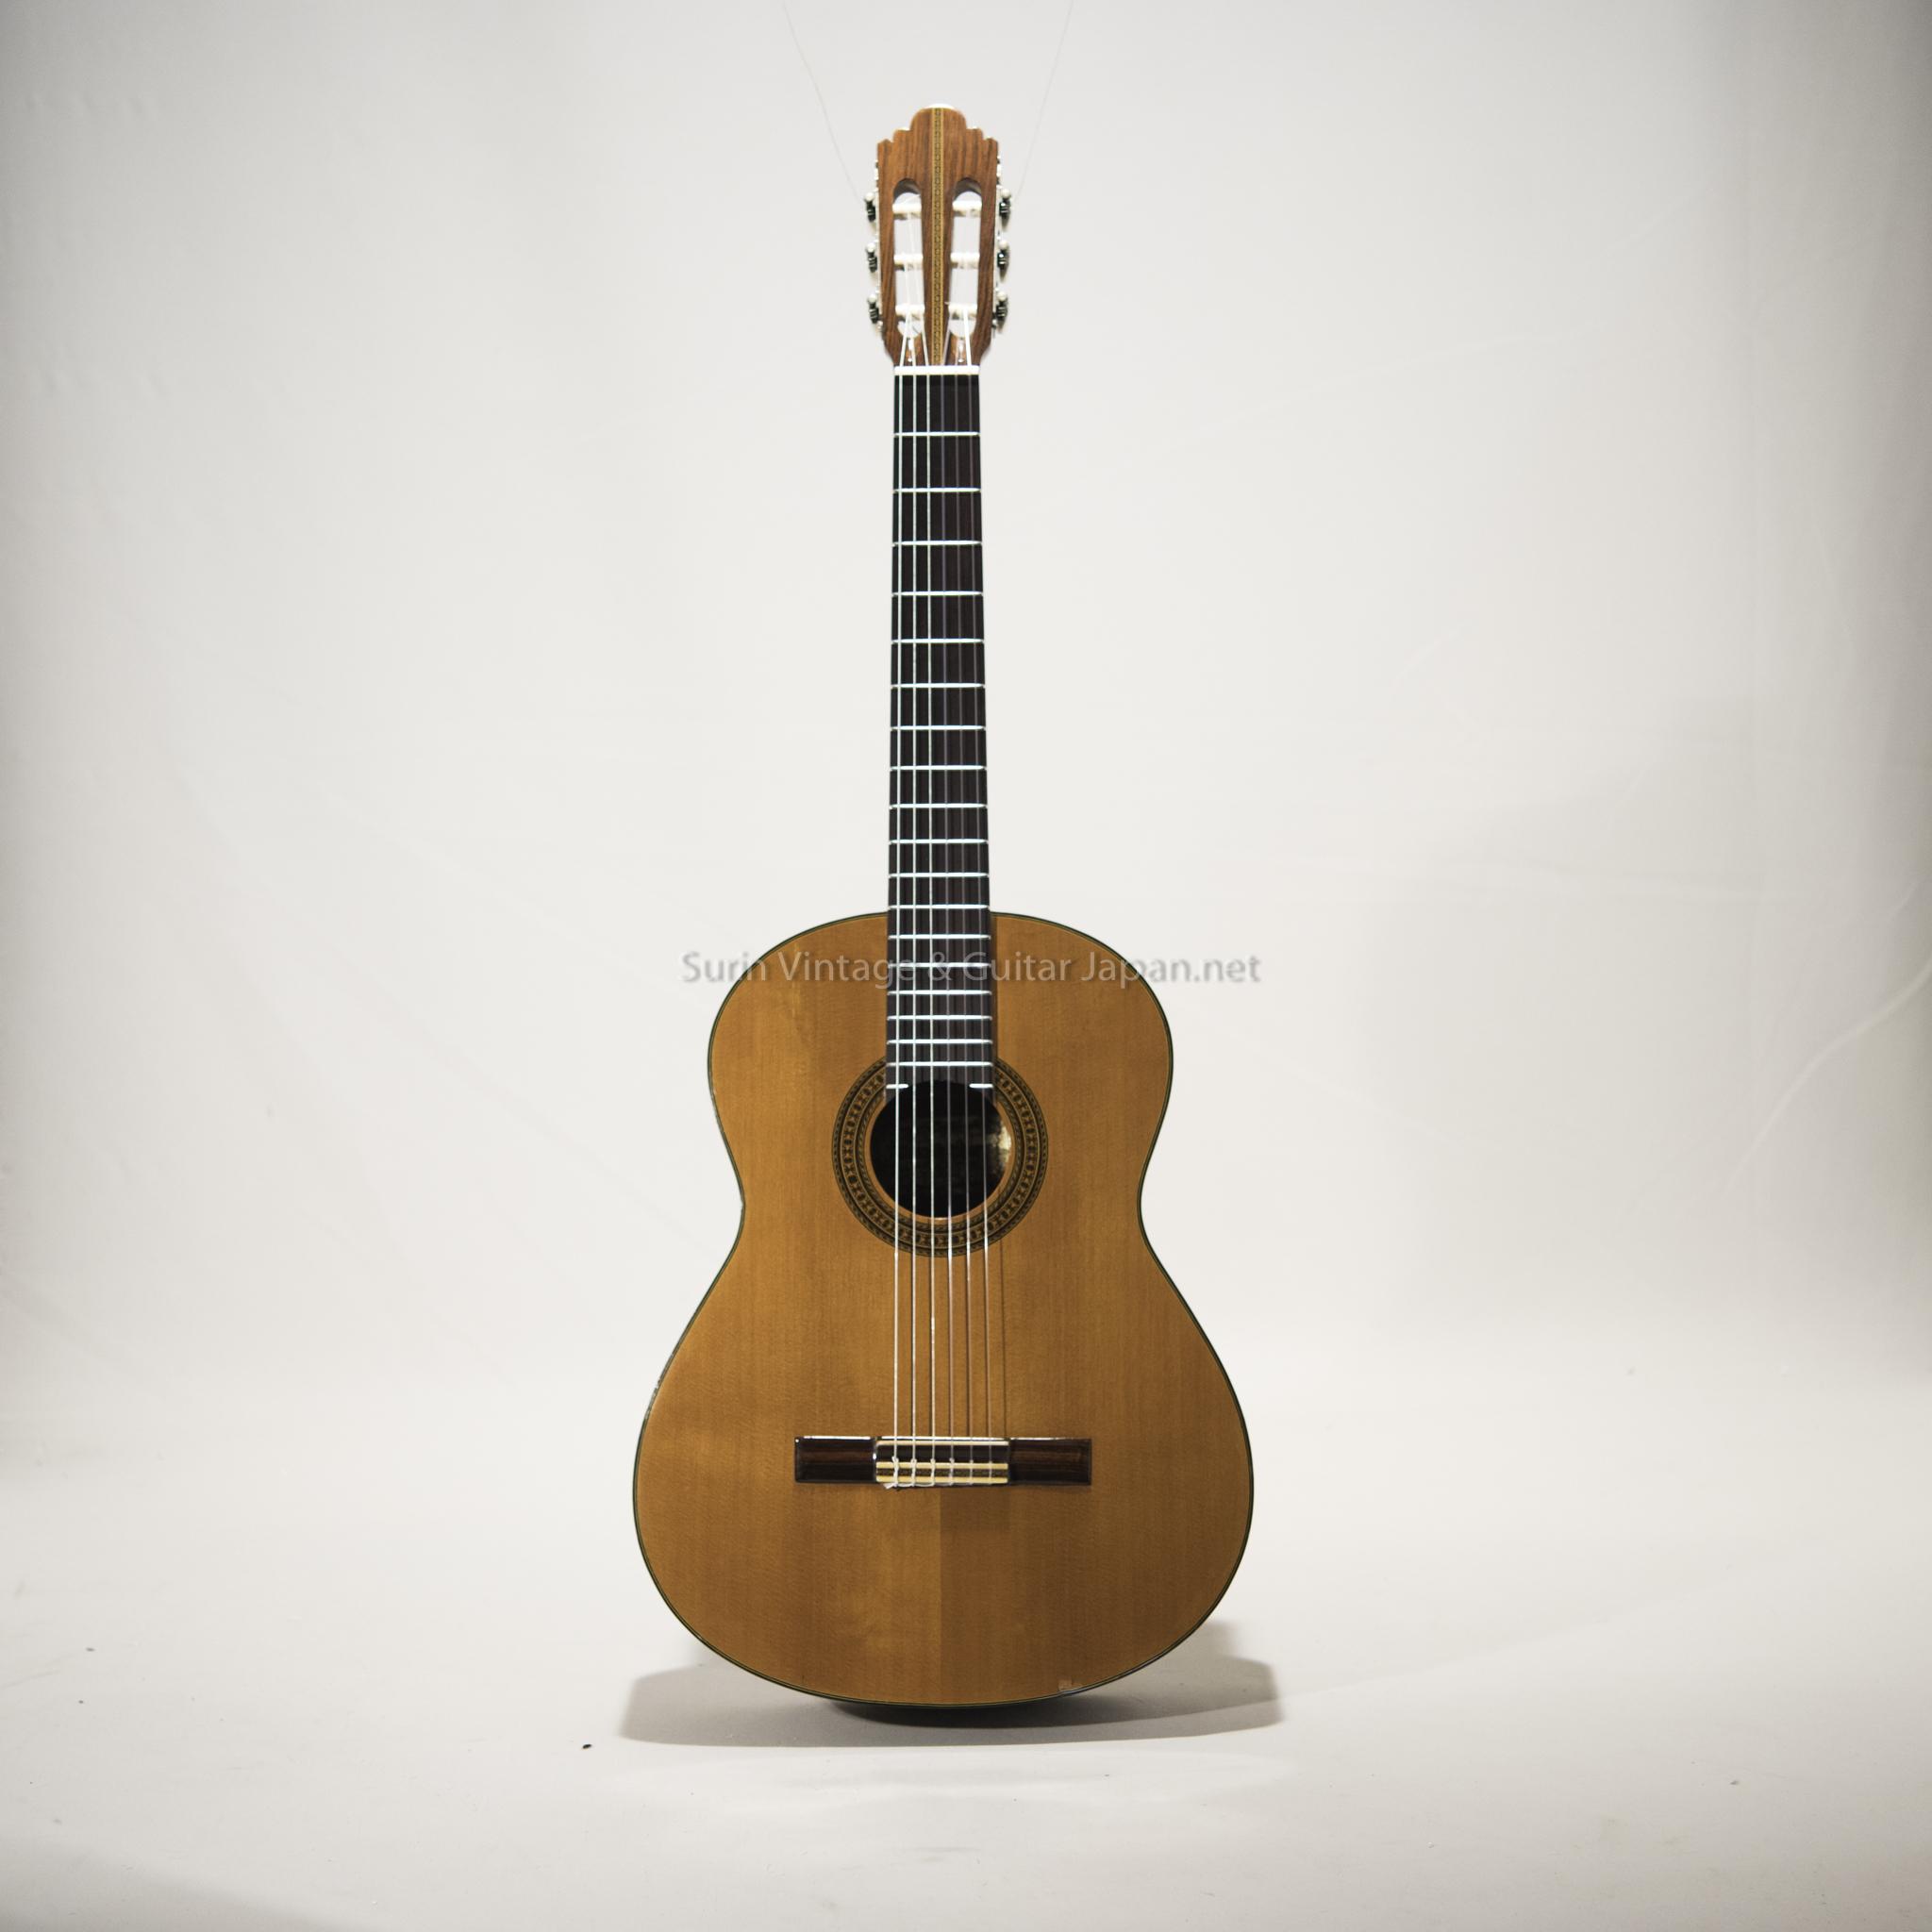 กีต้าร์คลาสสิคมือสอง Shinano Guitar